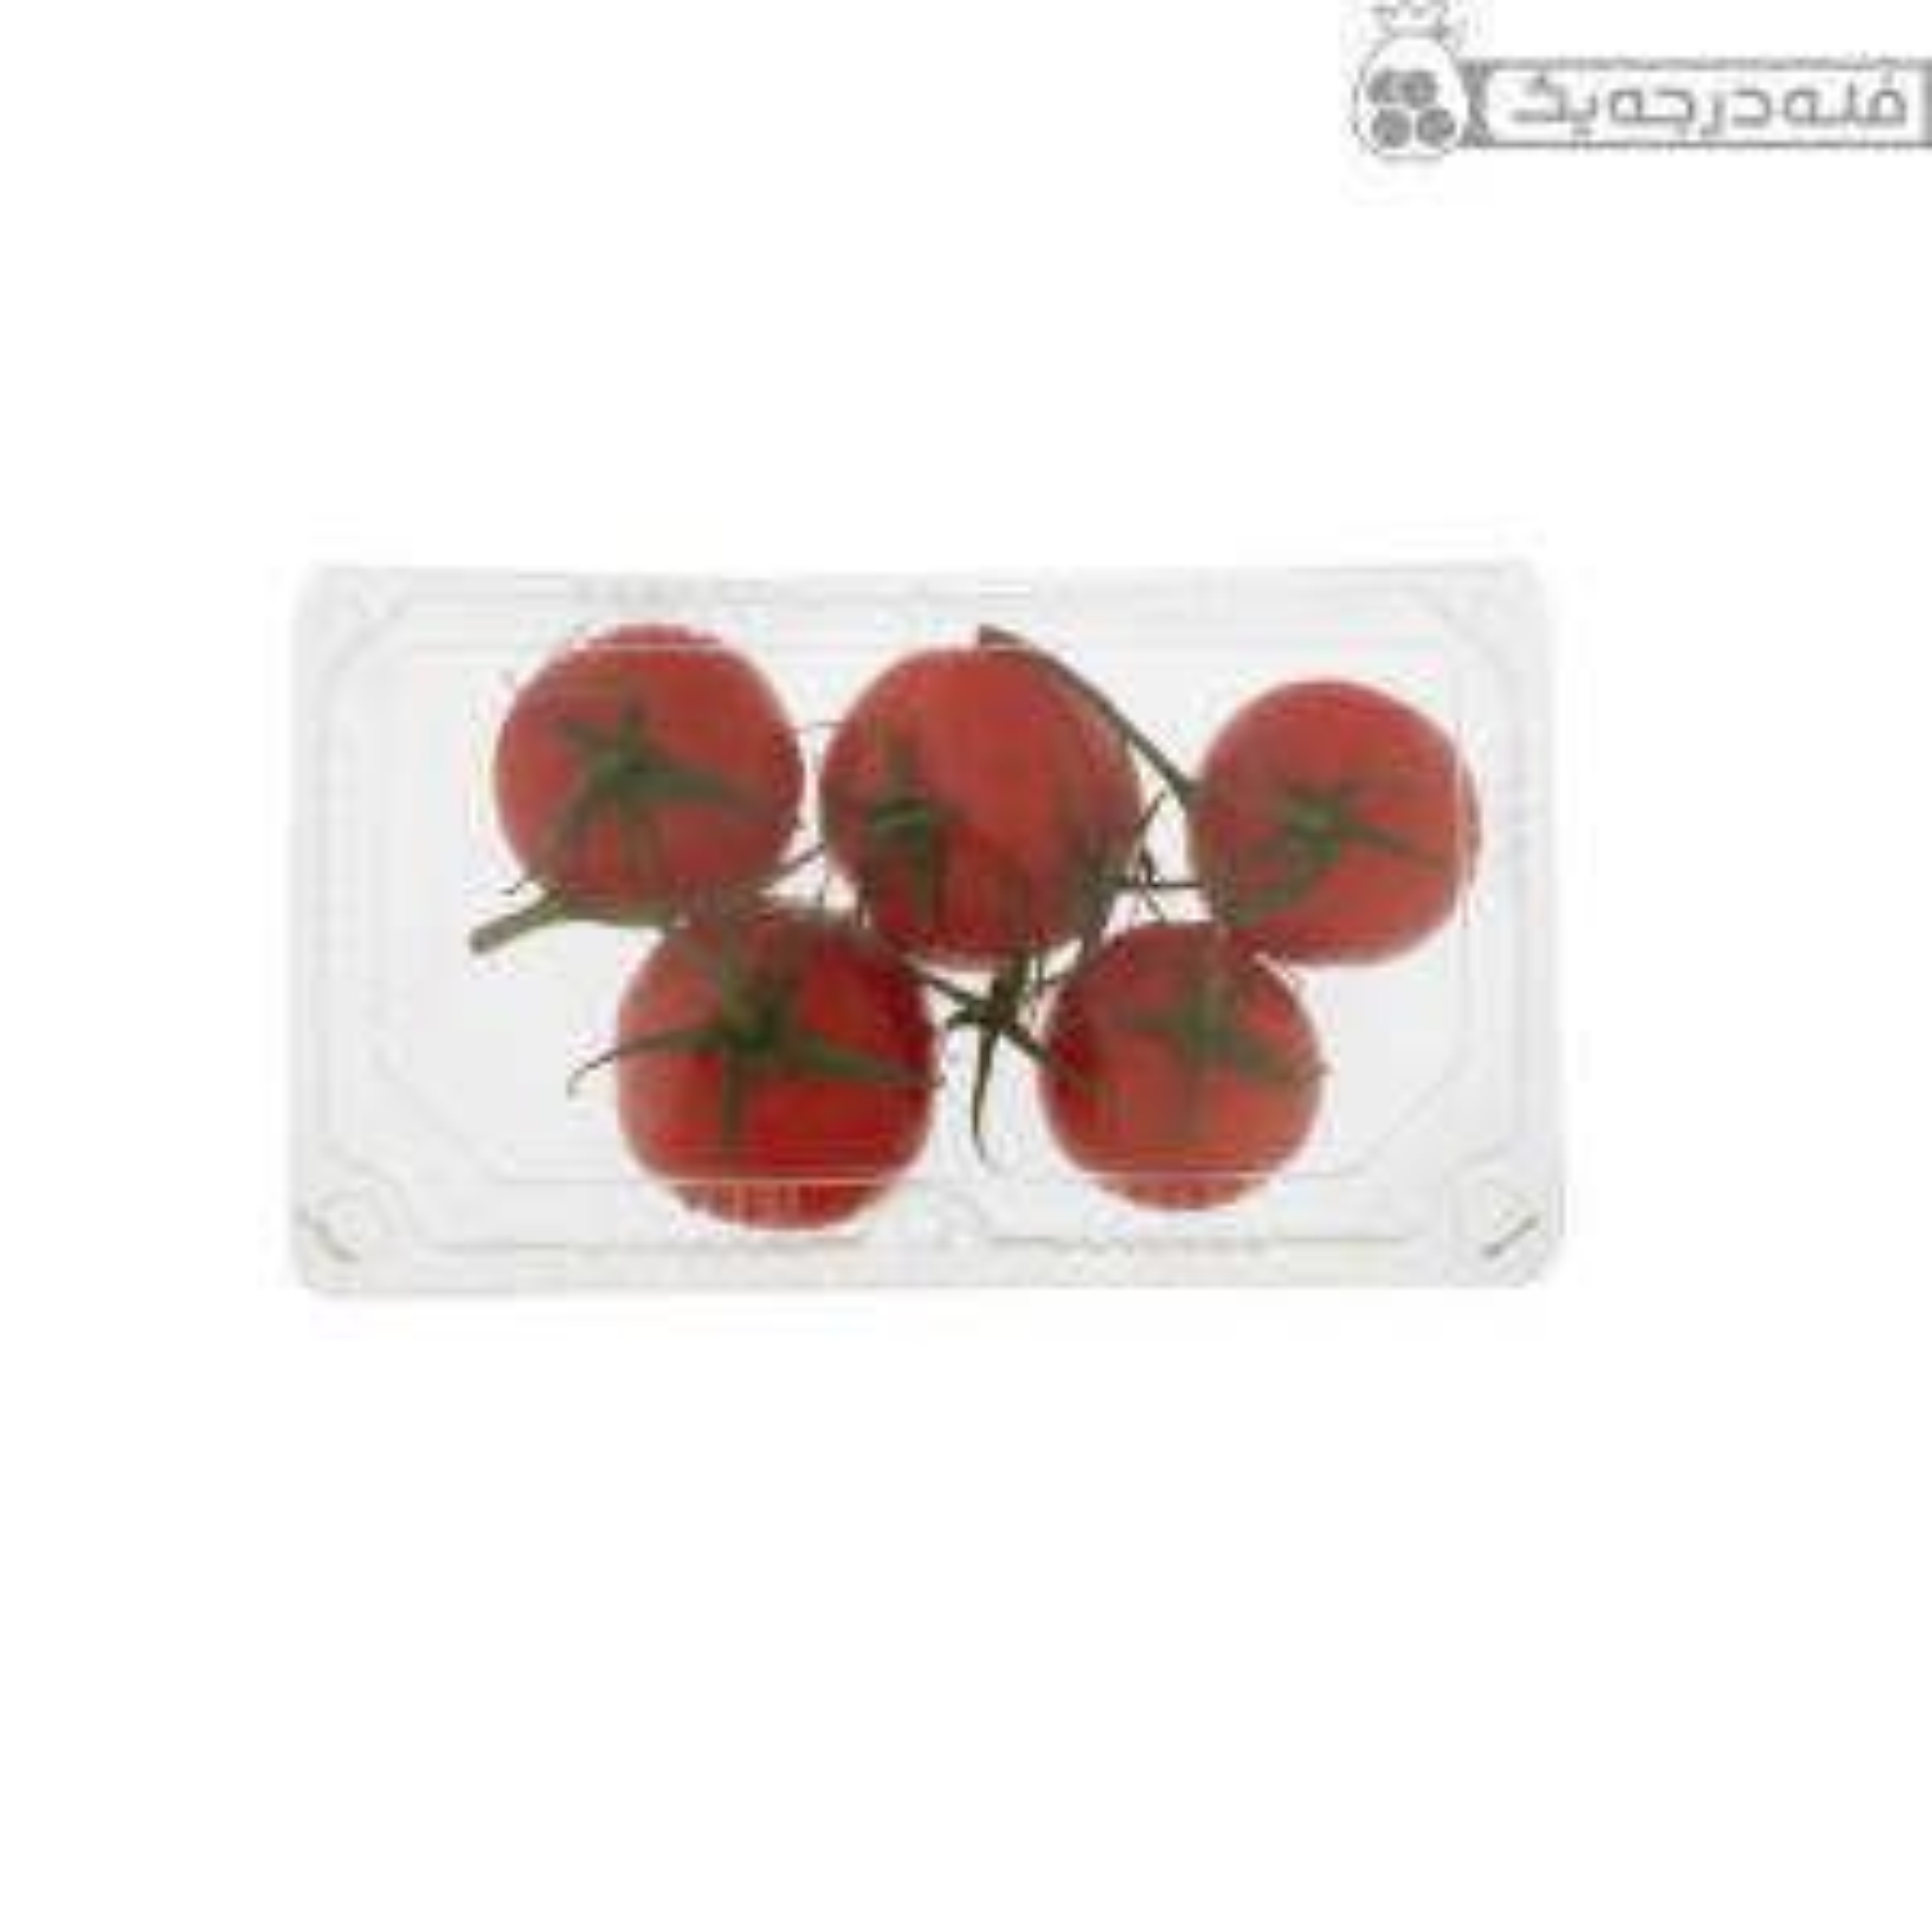 گوجه فرنگی گلخانه ای مقدار 500 گرم